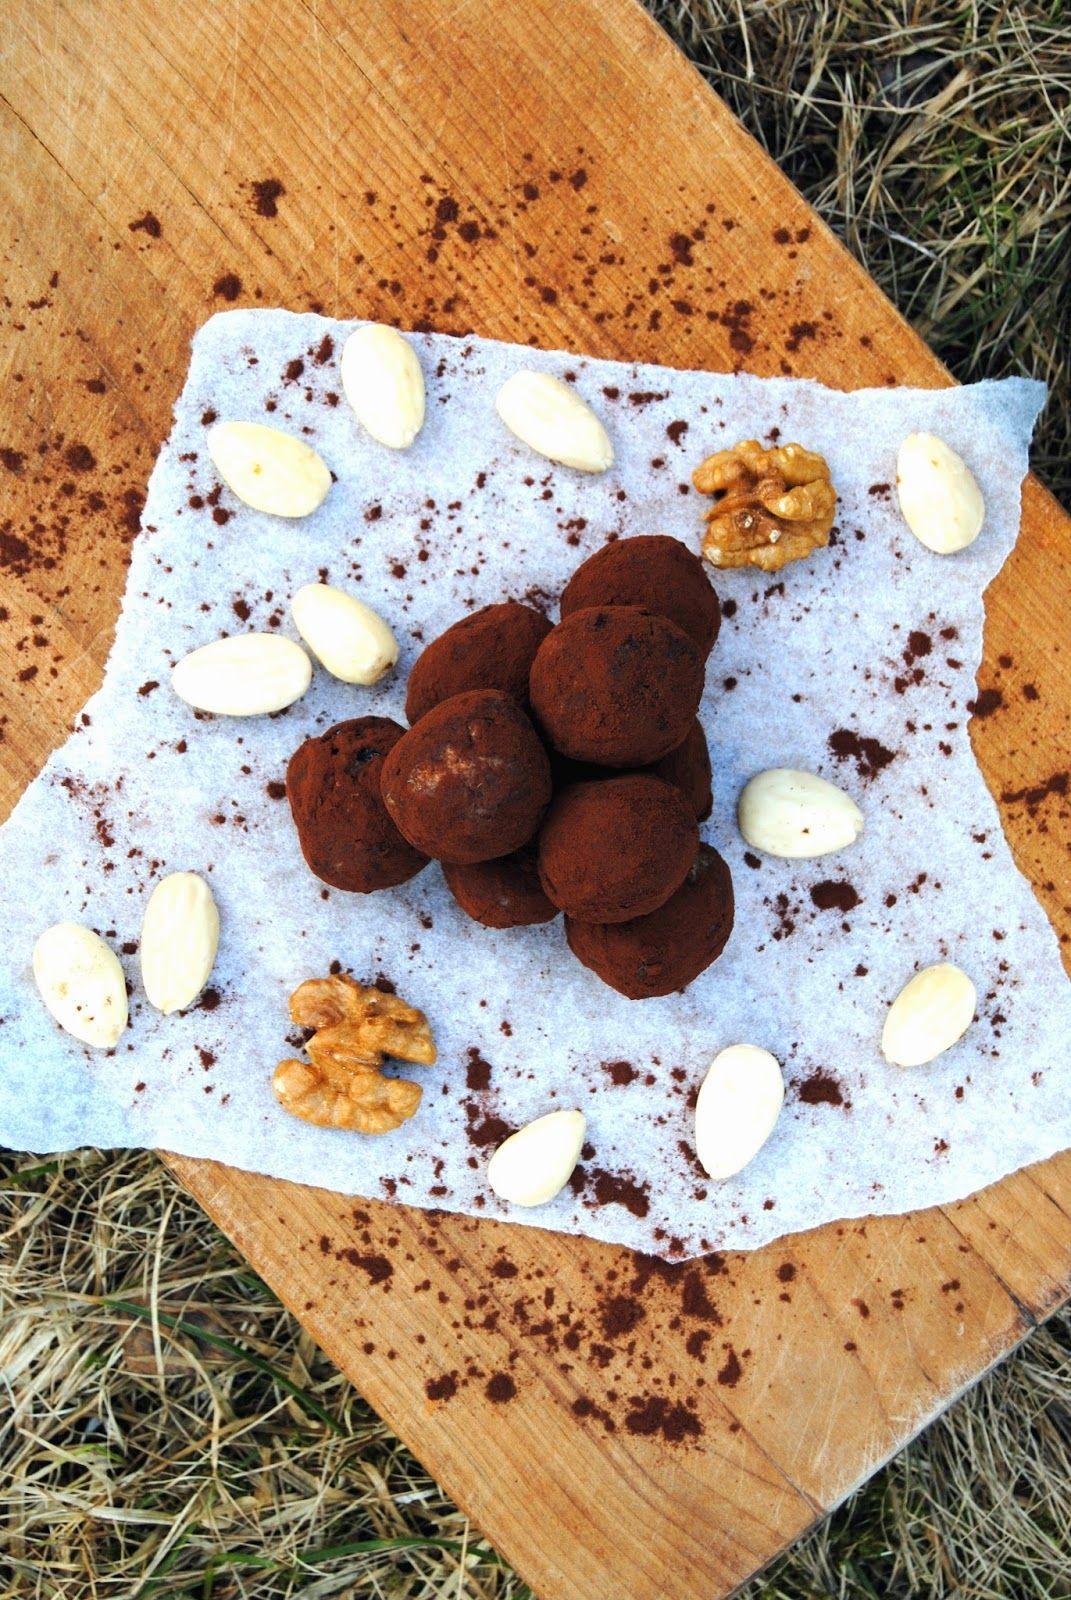 Terveen hyvää: Punaviinitryffelit (punaviiniä, rusinoita, saksanpähkinöitä, manteleita, tummaa kaakaojauhetta)